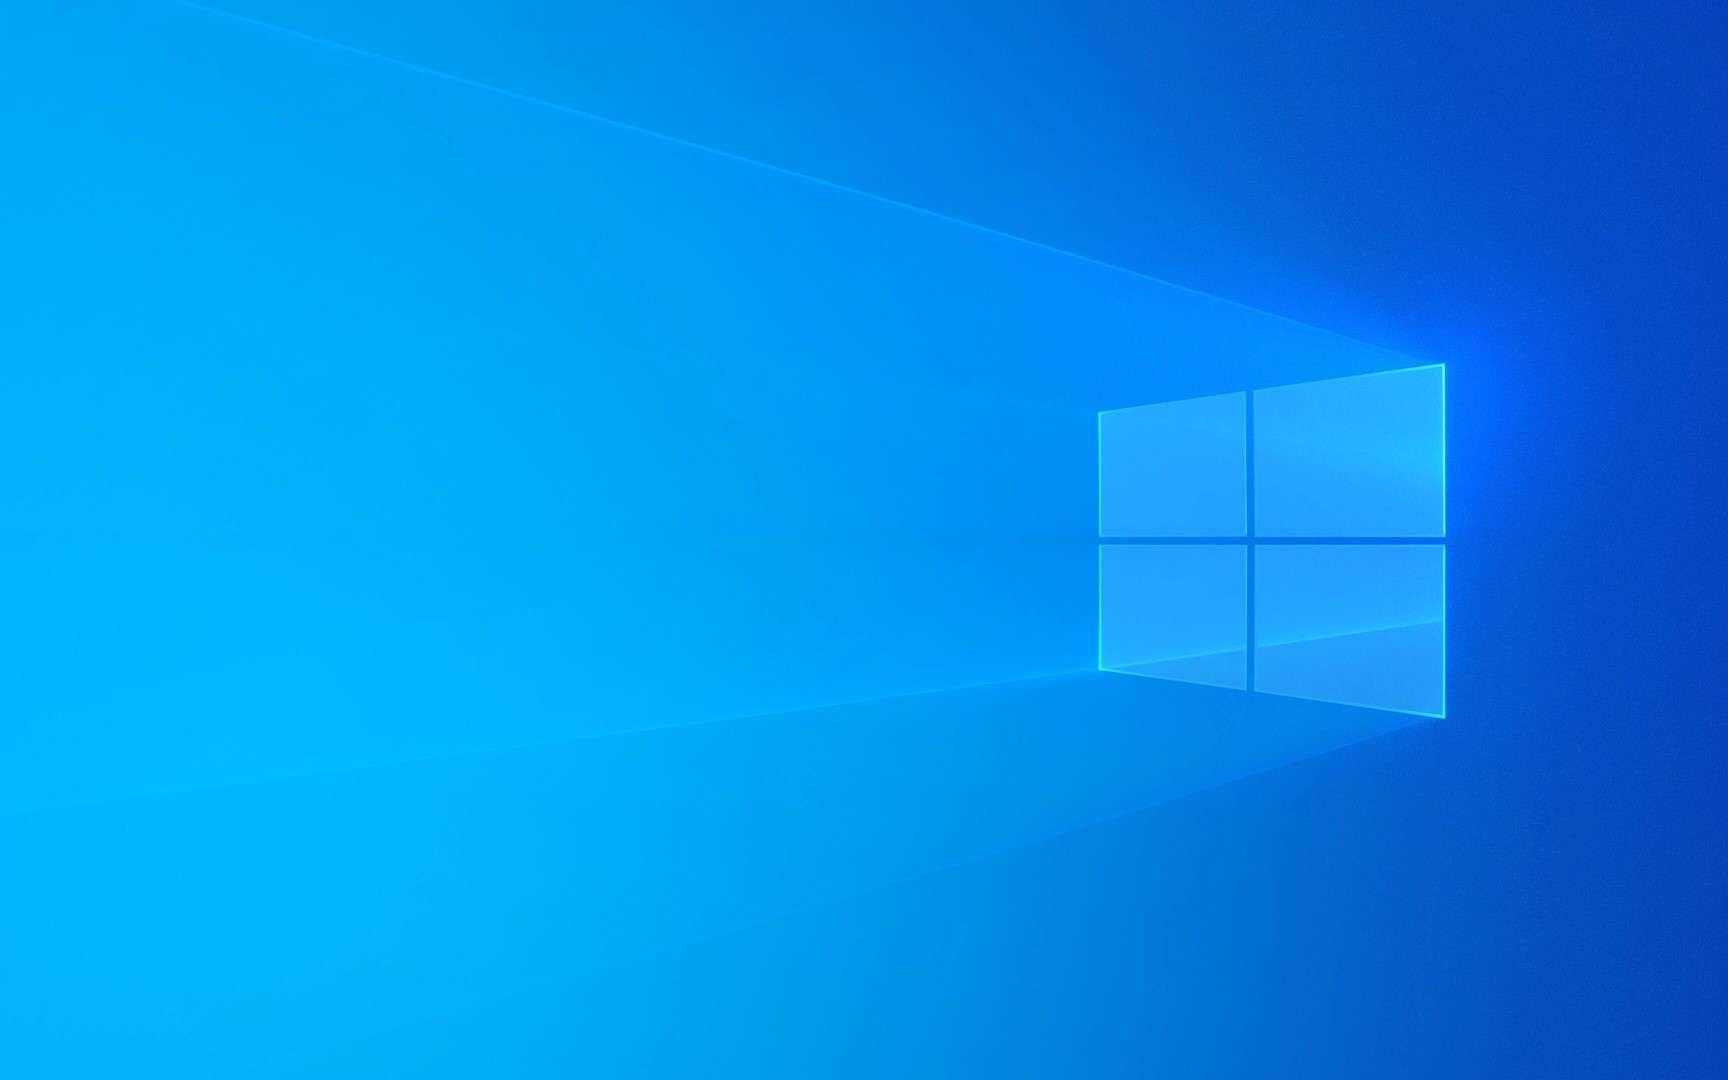 Le profil utilisateur sous Windows 10 inclut données, applications et réglages personnels. © Microsoft